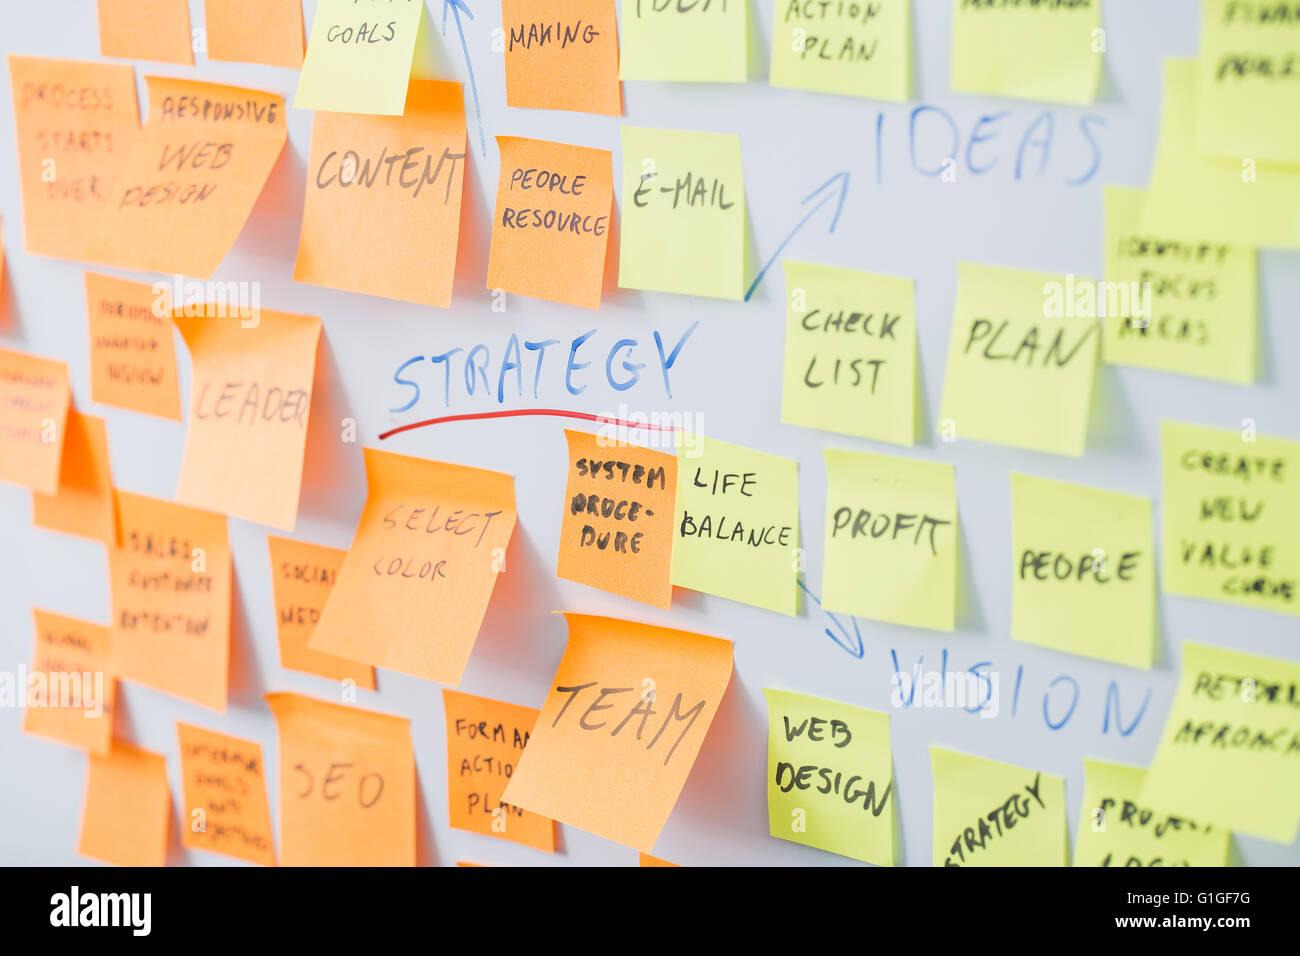 Stratégie d'affaires de l'Atelier remue-méninges remue-méninges note notes sticky - image Photo Stock